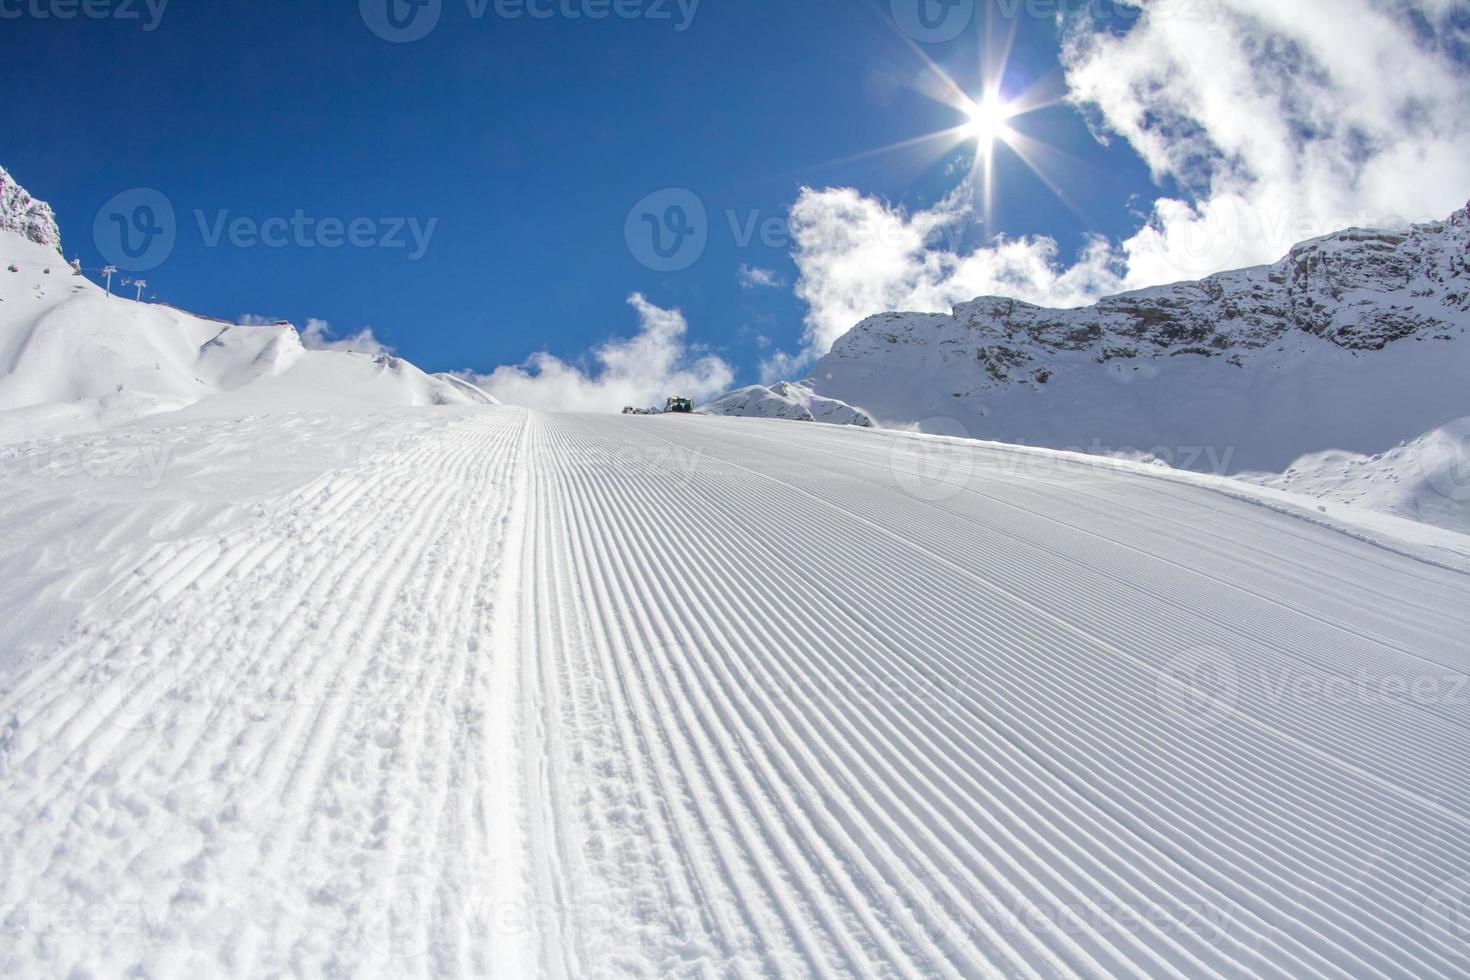 piste de ski parfaitement entretenue photo